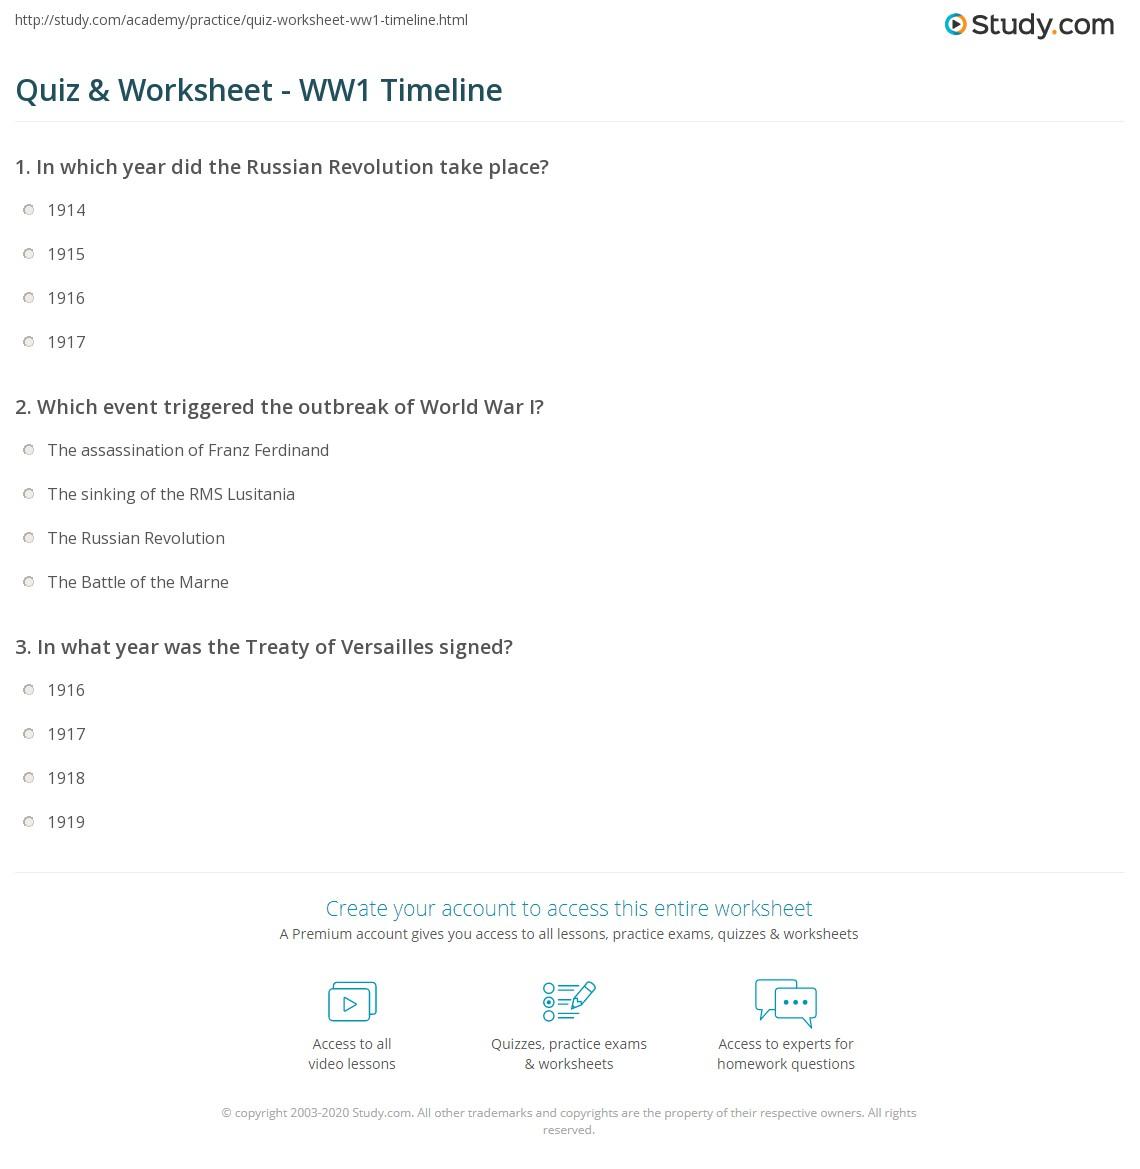 Quiz W Ksheet Ww1 Timel E Study